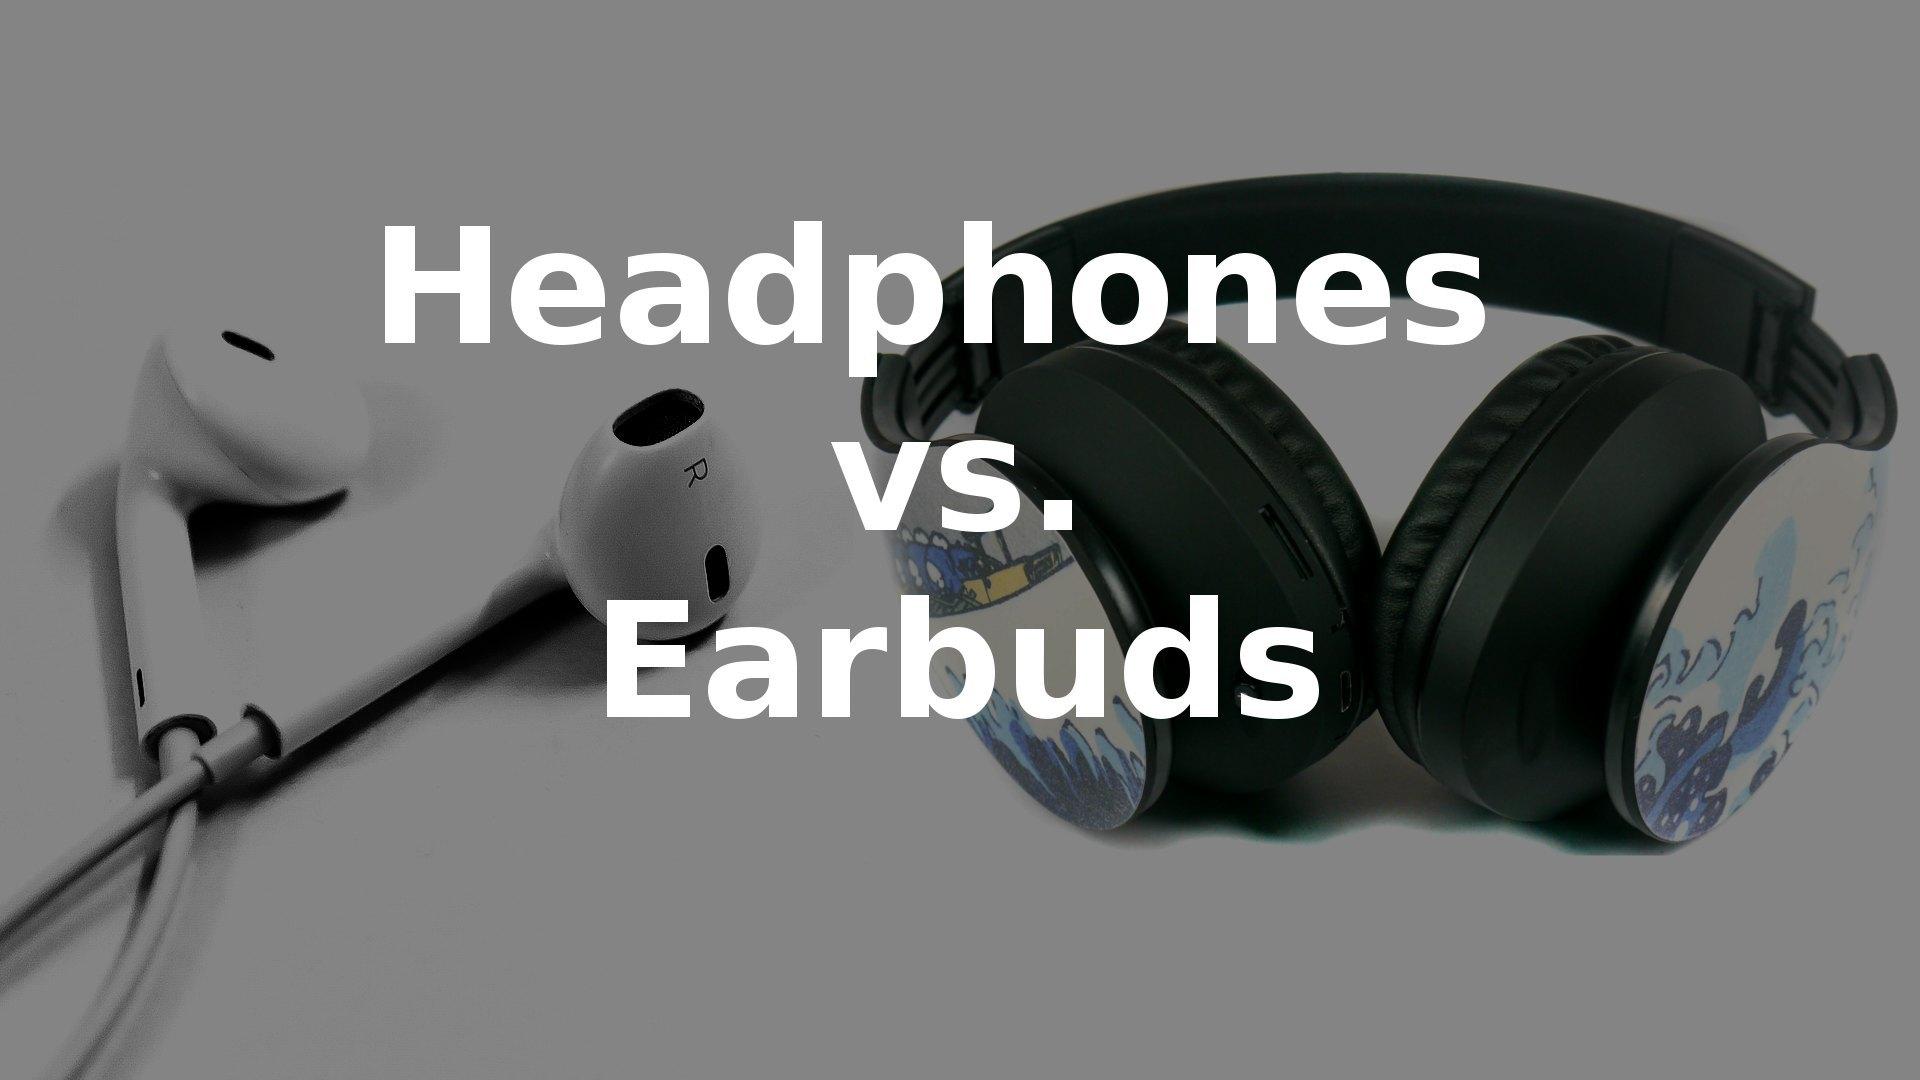 hpbyu Headphones are better